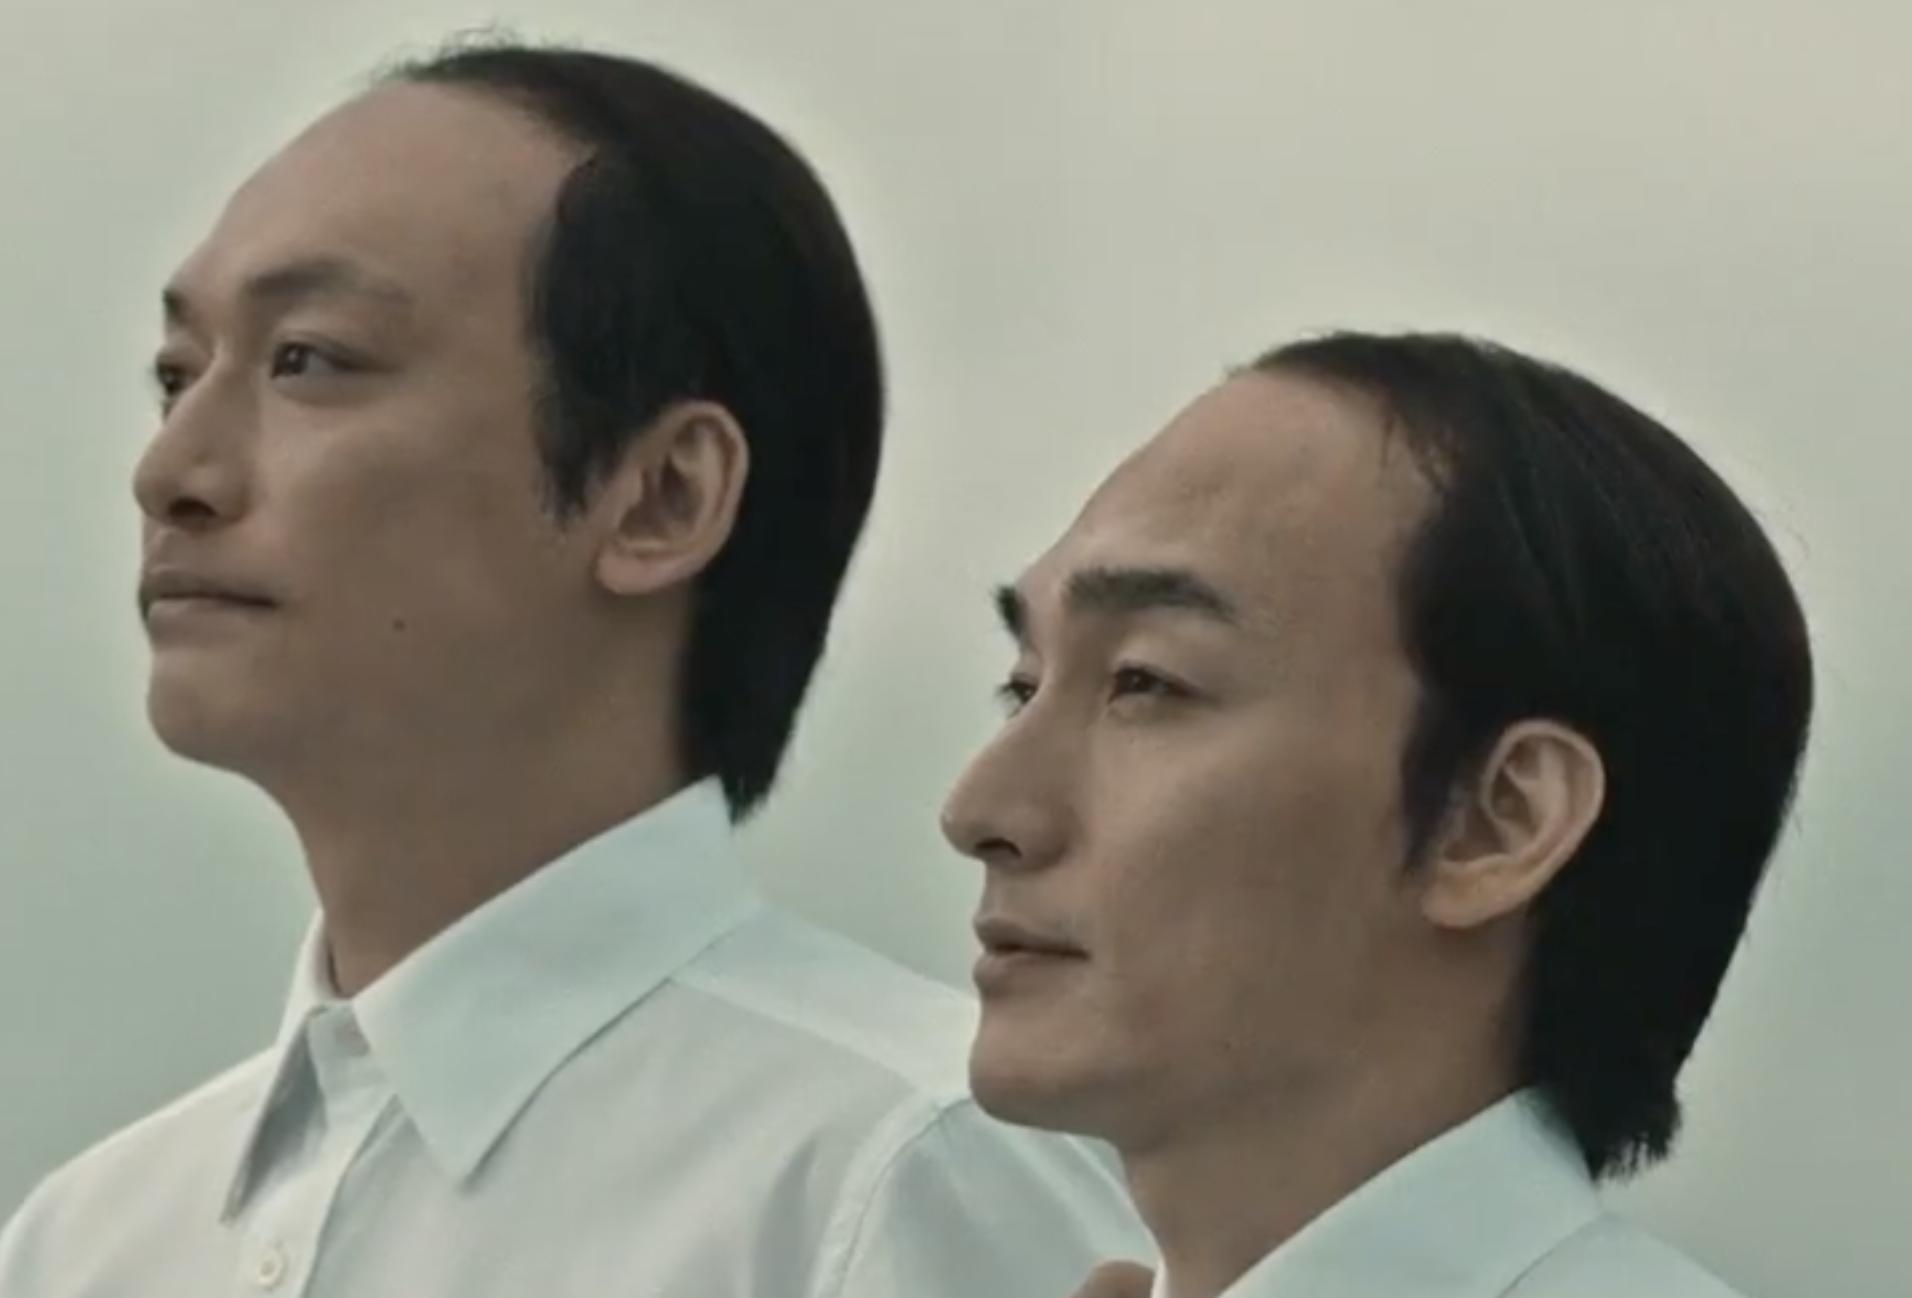 スカルプDの2020年10月最新CMでオールバック姿のミノキ兄弟の画像